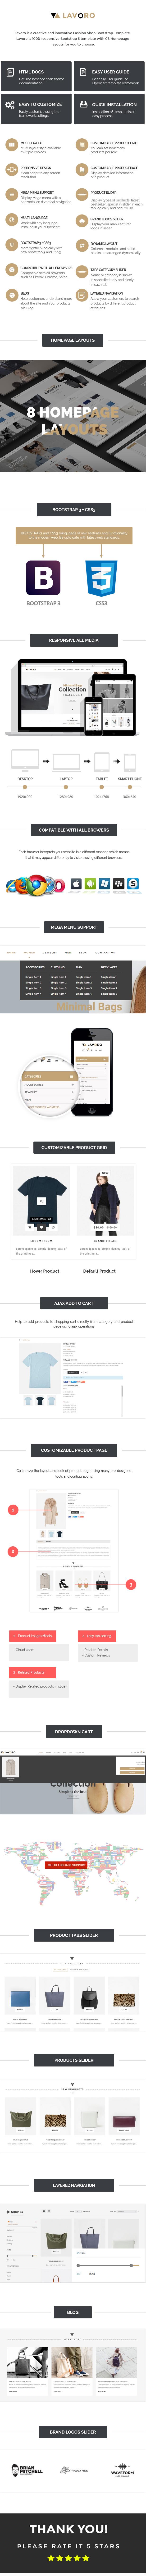 Lavoro - Fashion Store HTML Template - 1